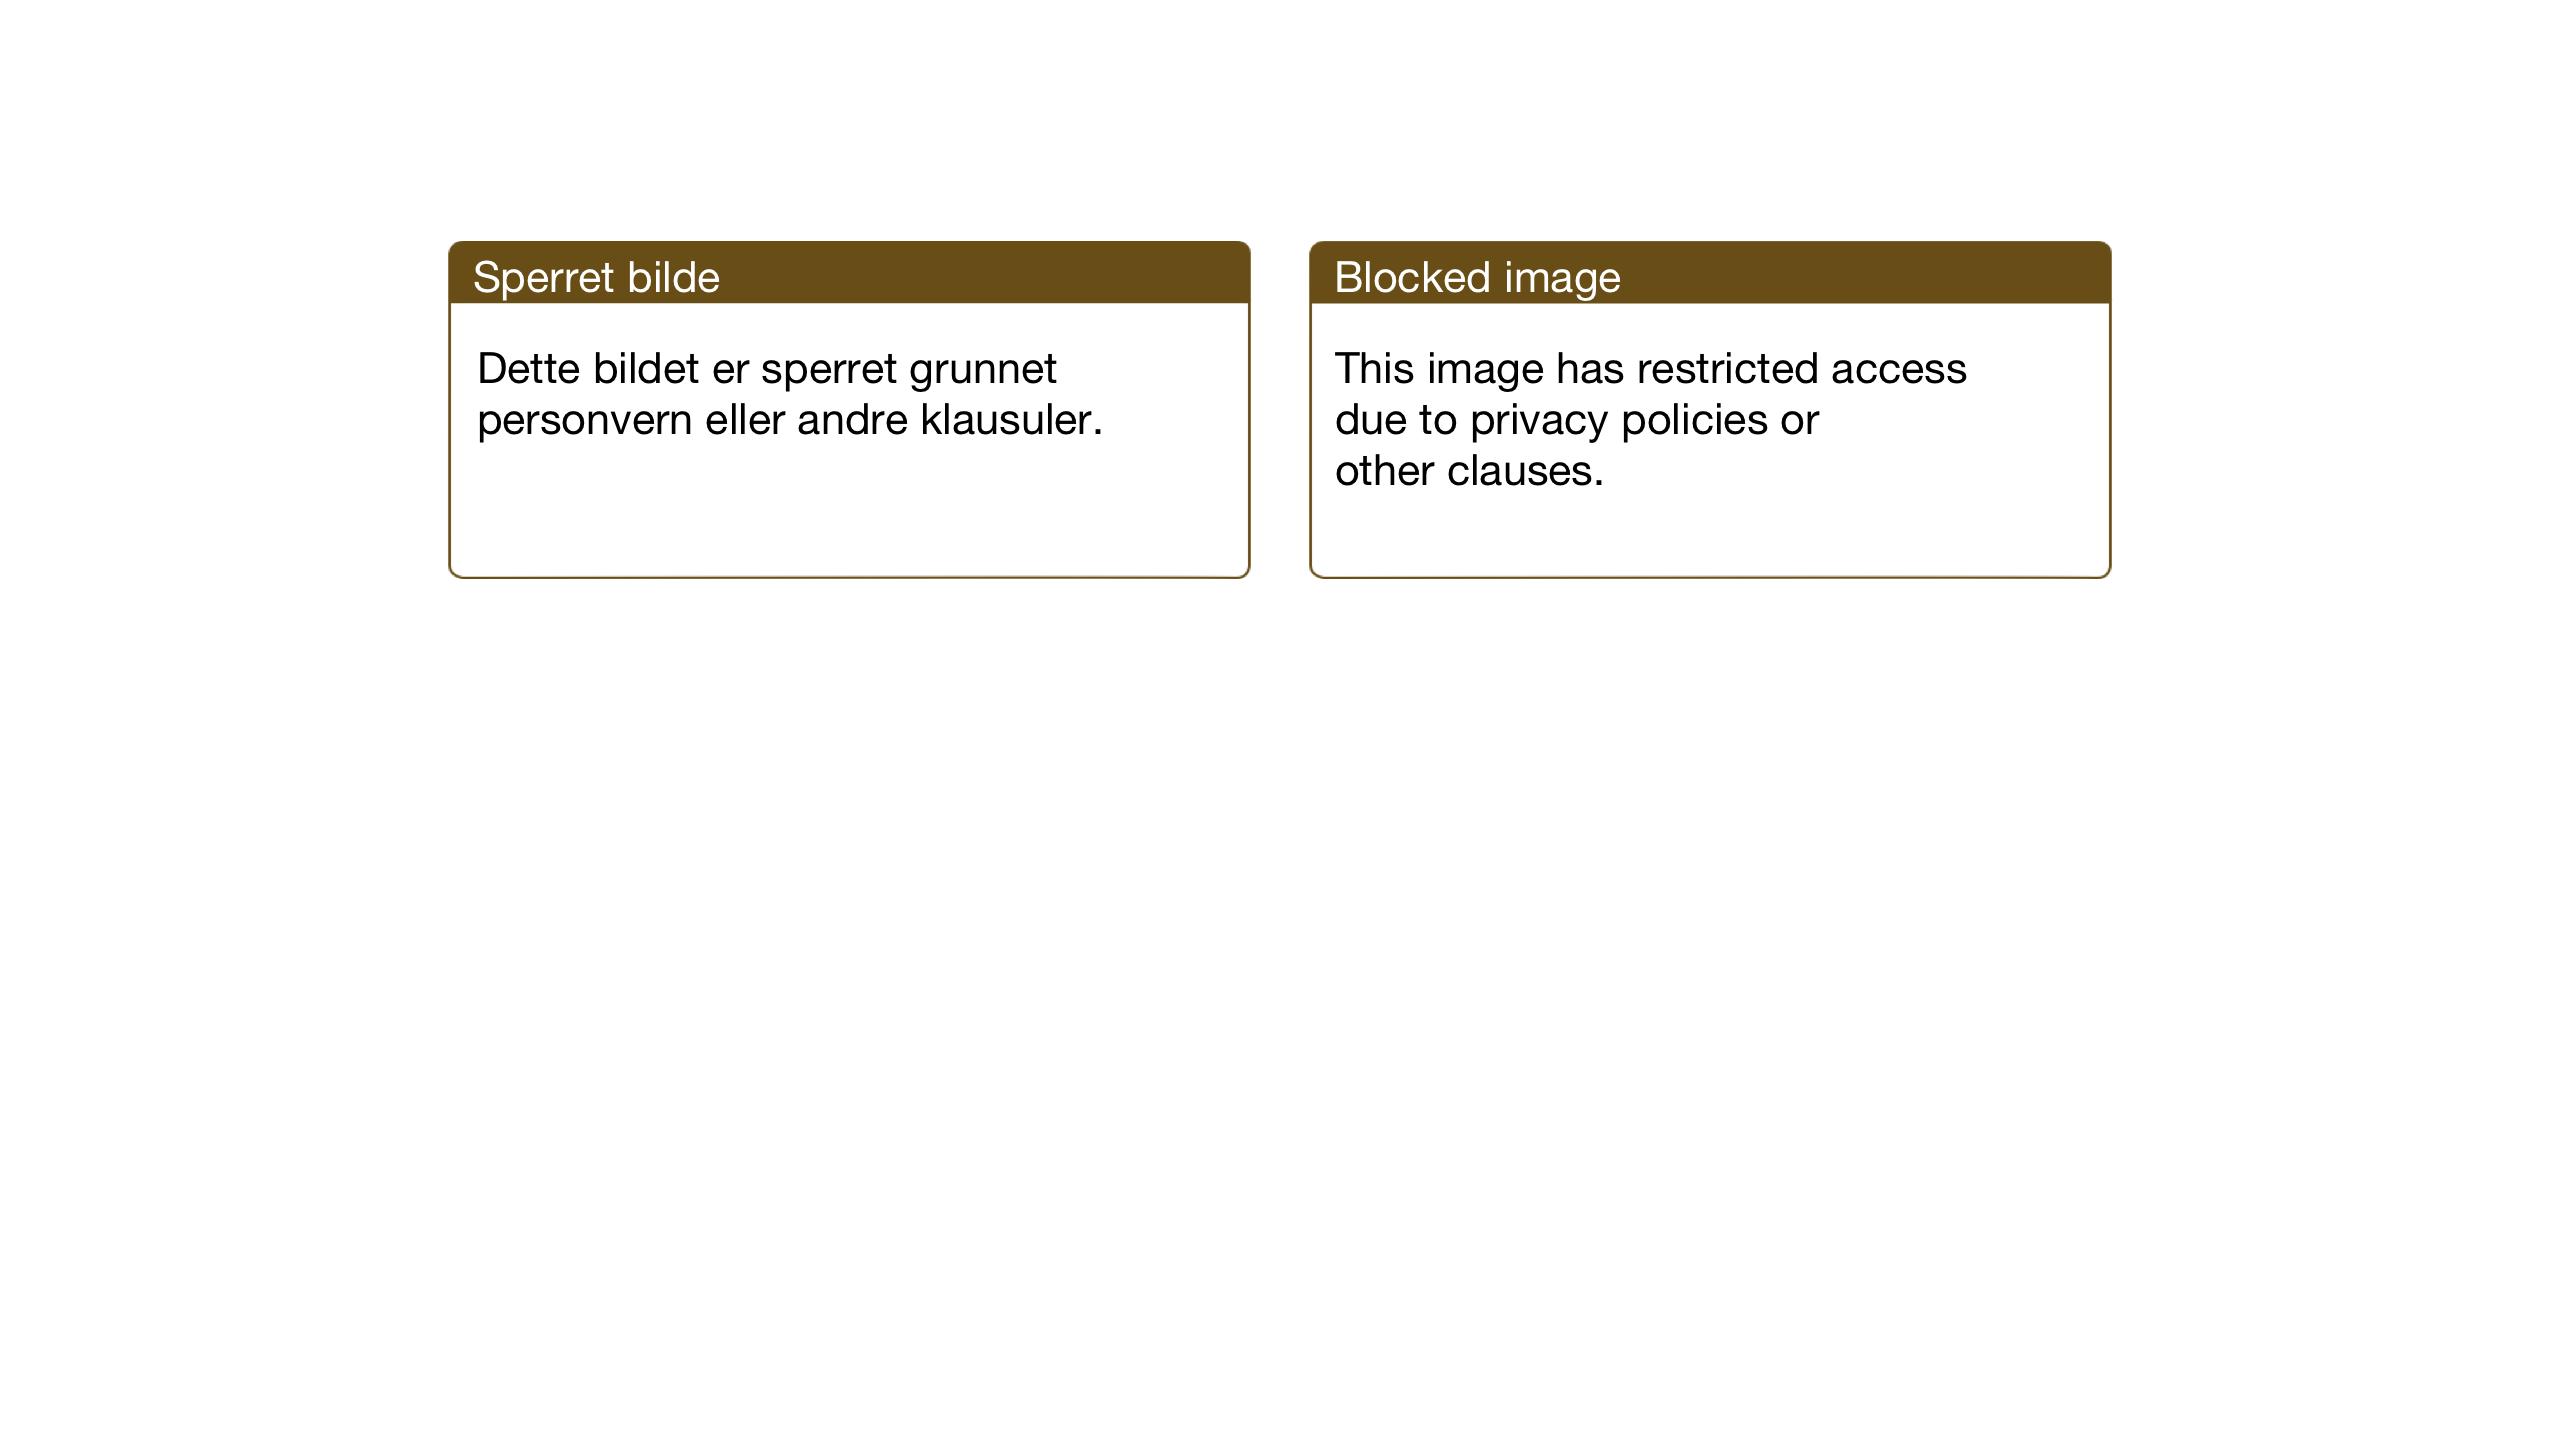 SAT, Ministerialprotokoller, klokkerbøker og fødselsregistre - Sør-Trøndelag, 617/L0432: Klokkerbok nr. 617C03, 1936-1942, s. 21